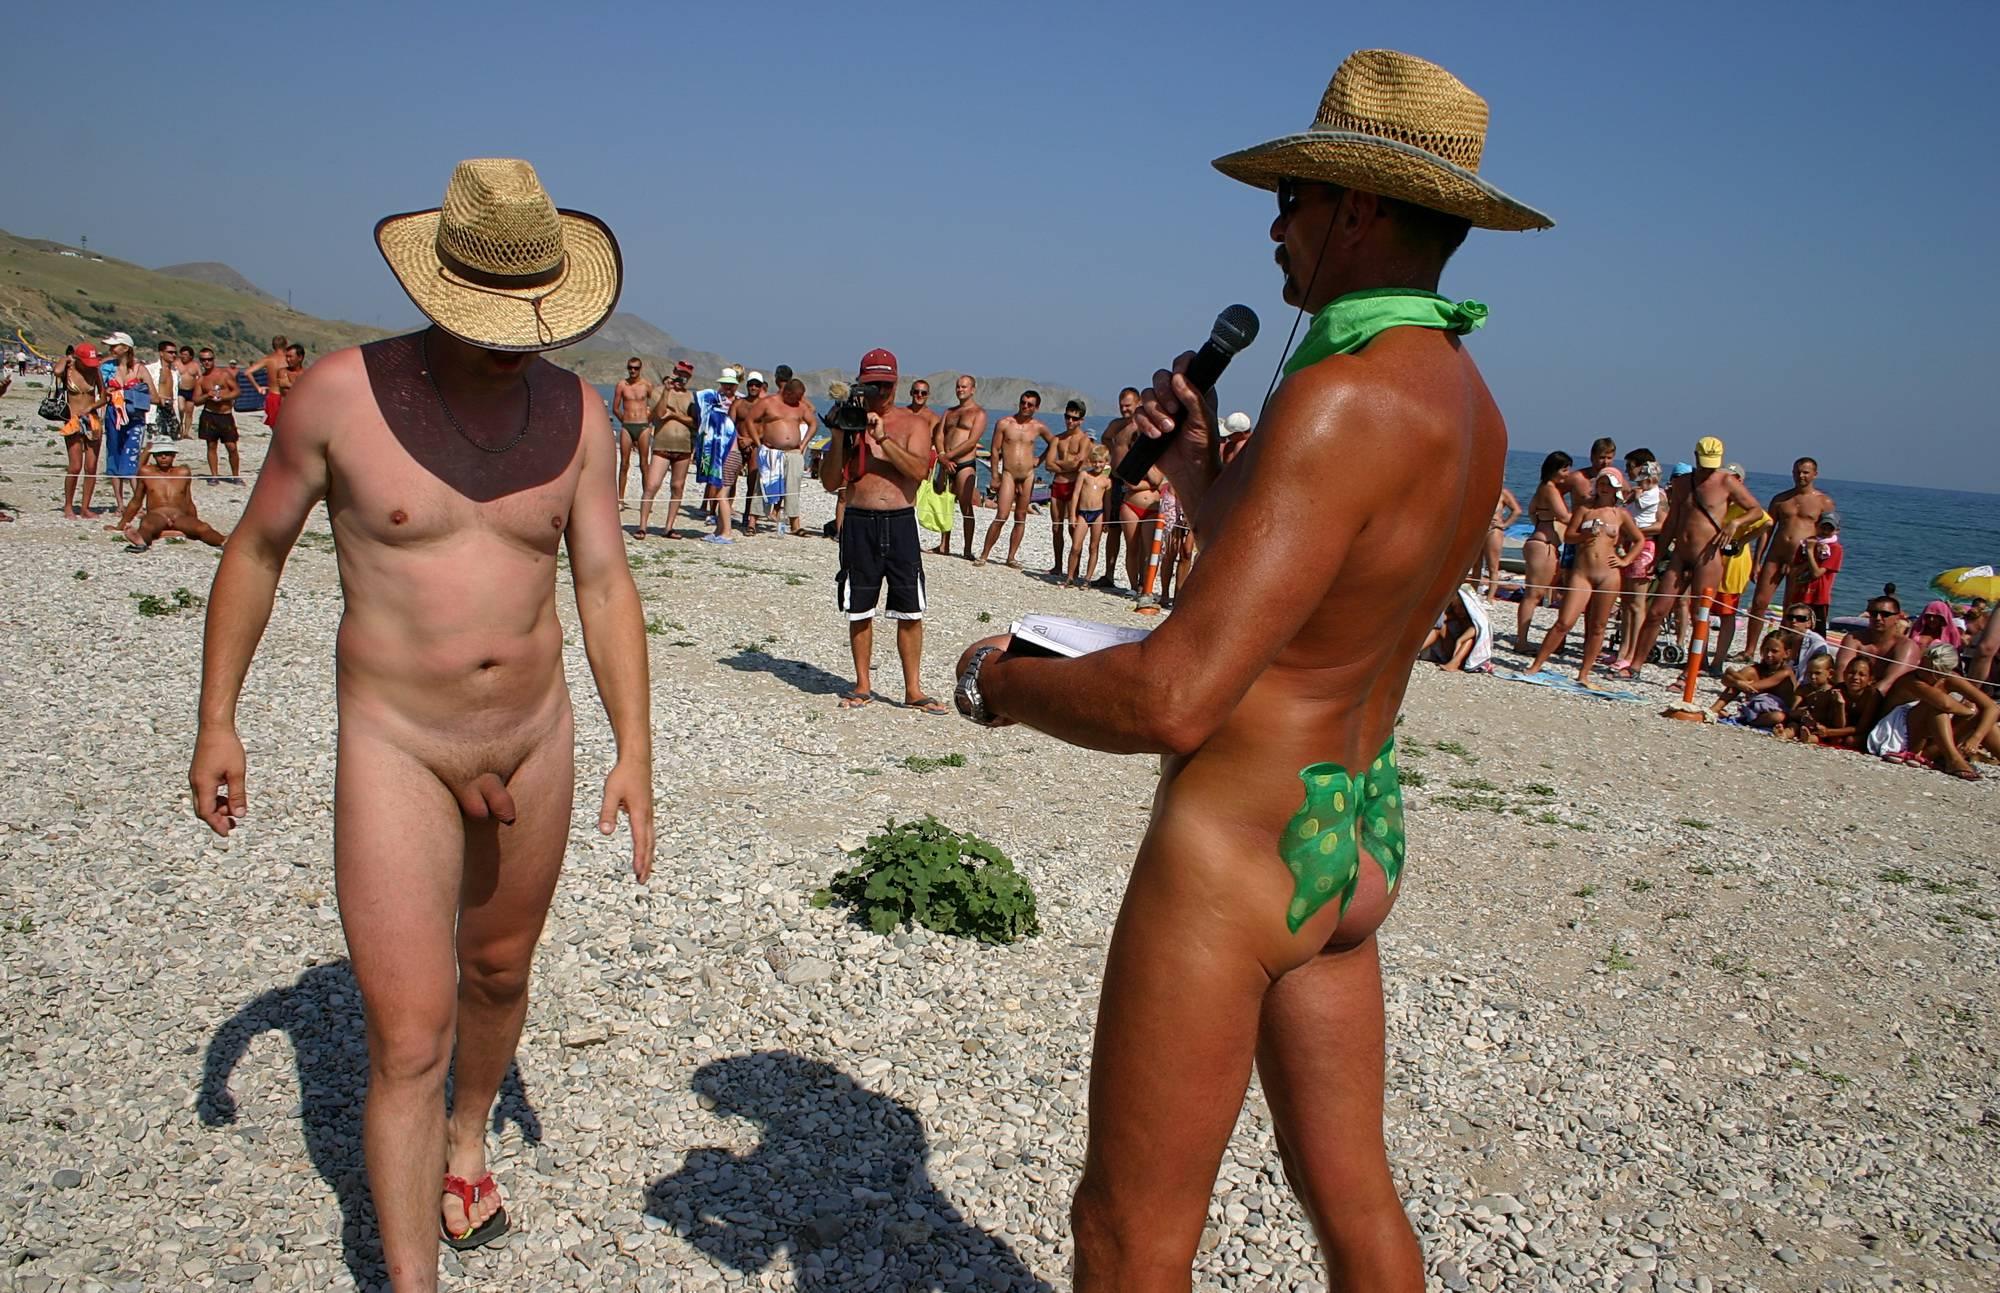 Karaoke Nudist Singers - 1